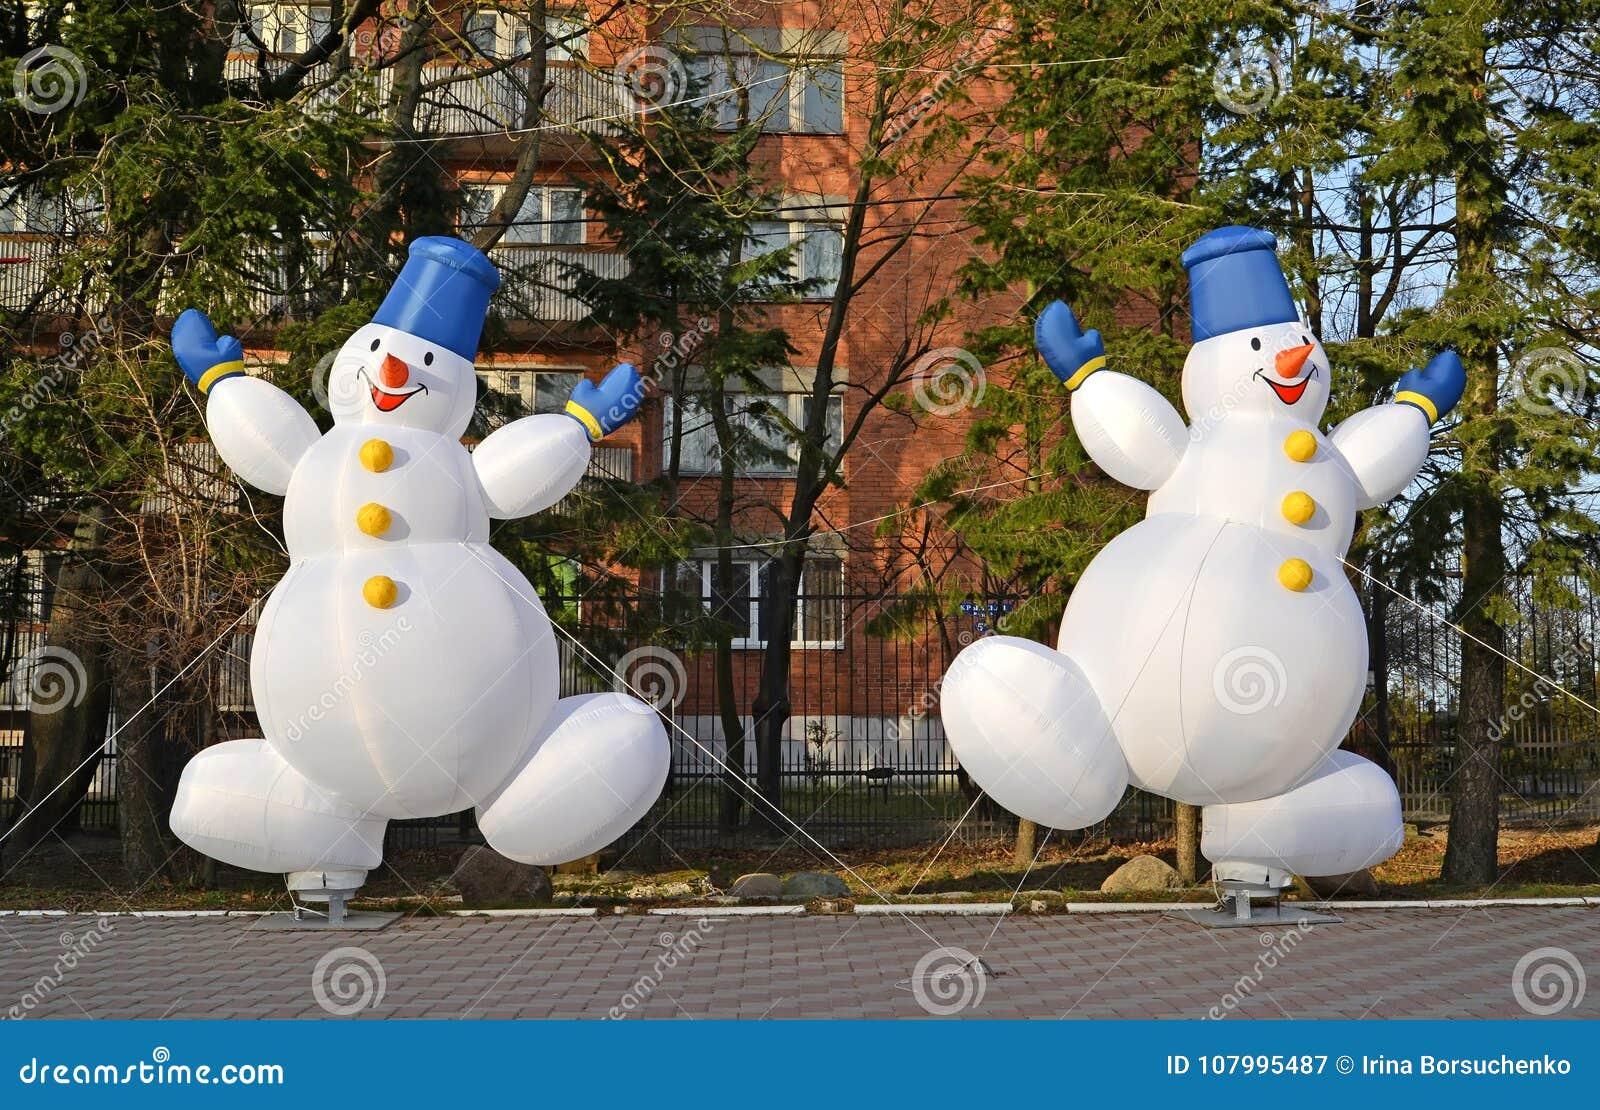 Decorazioni Natalizie Gonfiabili.Due Pupazzi Di Neve Gonfiabili Allegri Decorazione Di Natale Sulla